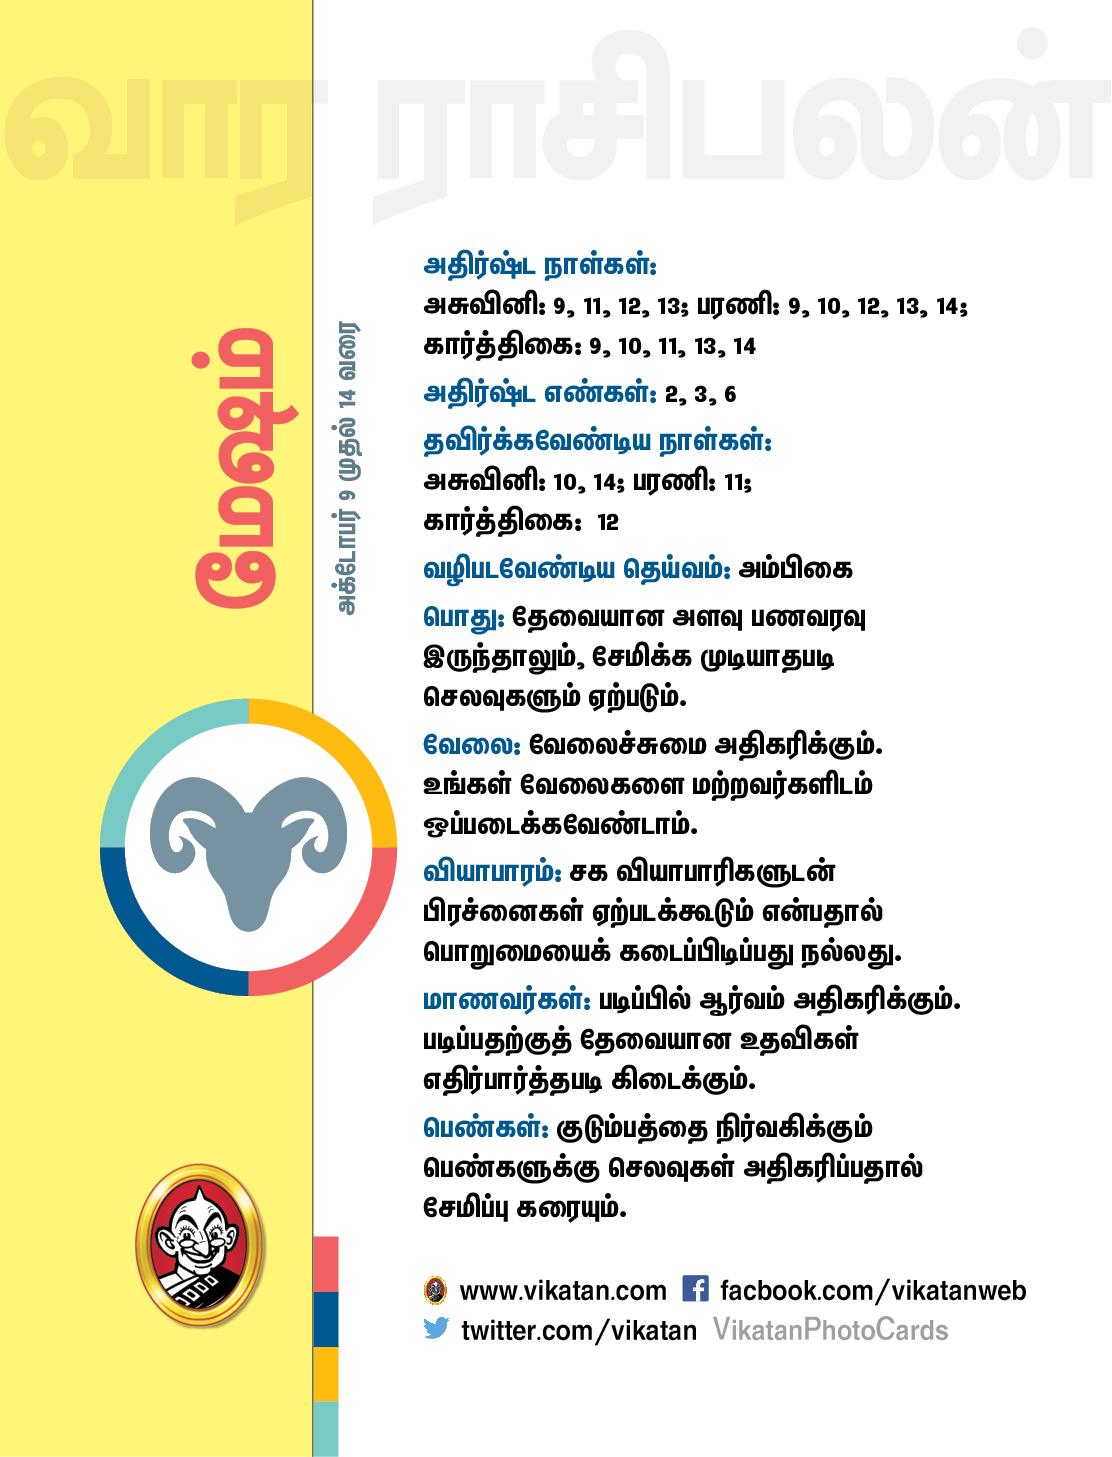 இந்த வார ராசிபலன் அக்டோபர் 9 முதல் 14 வரை #VikatanPhotoCards